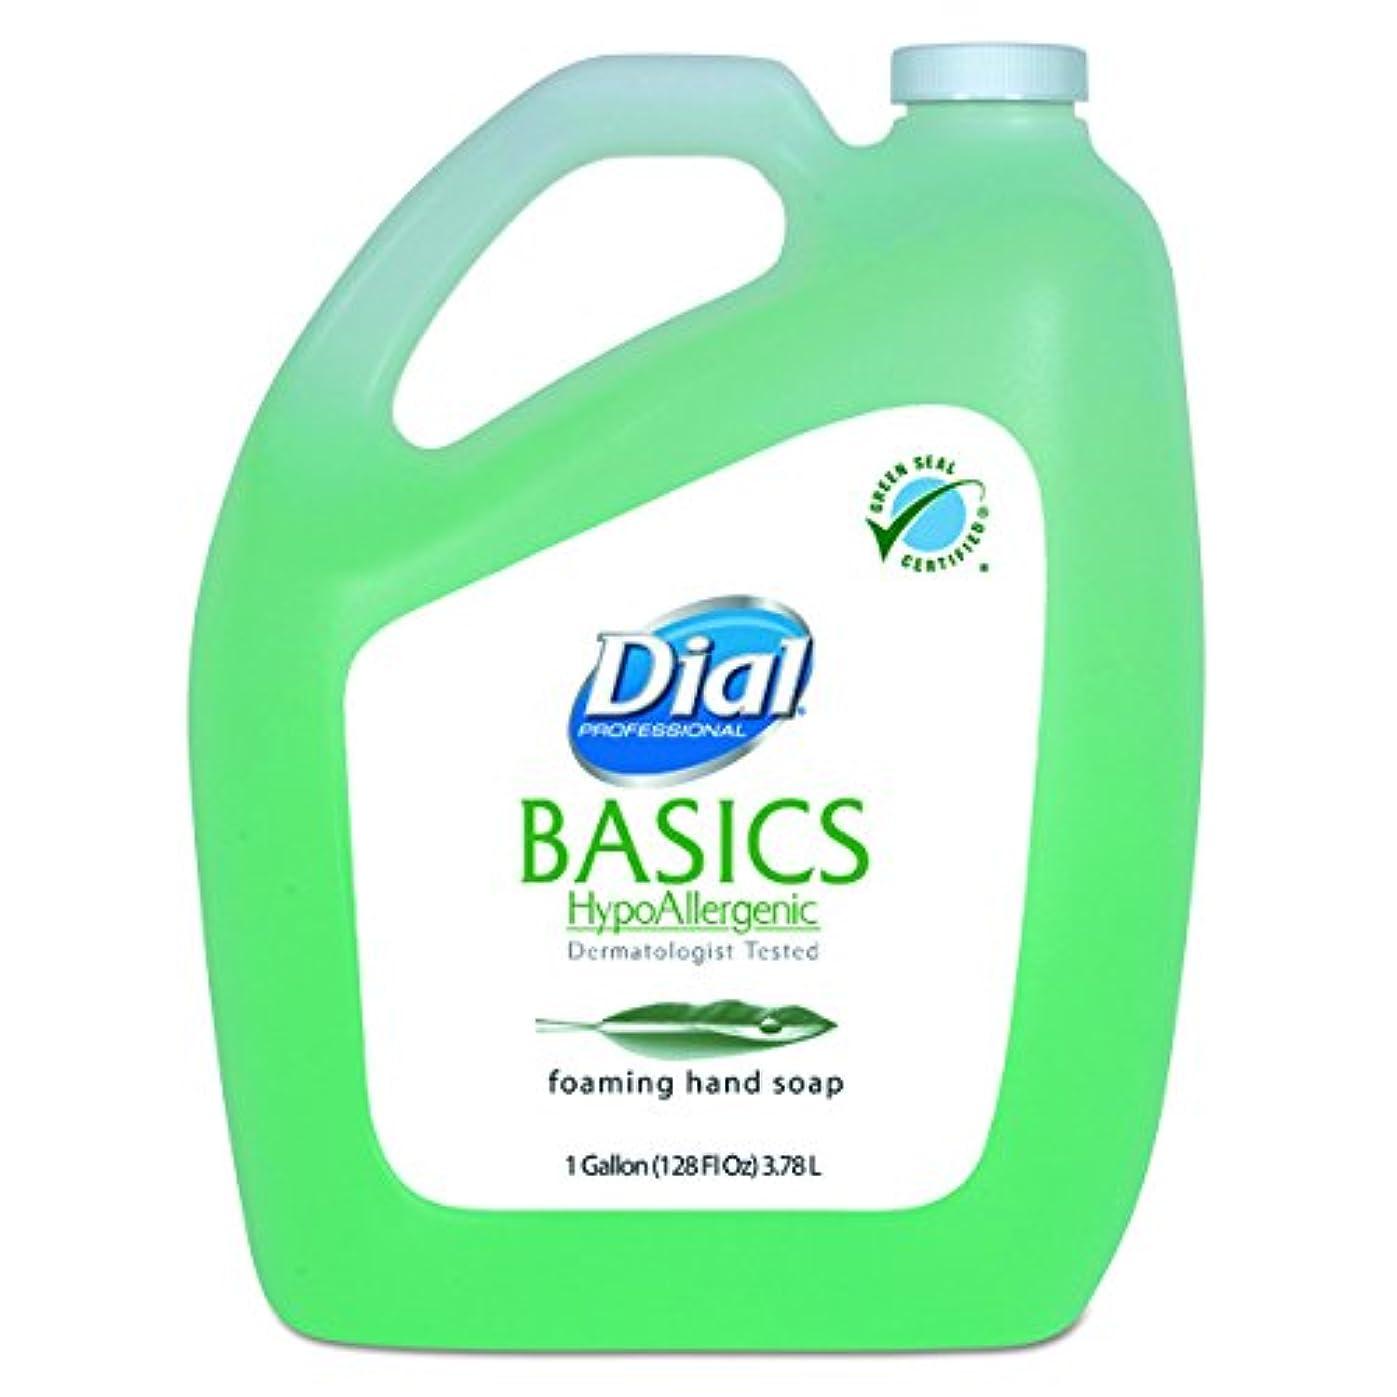 最大の自体たくさんダイヤルProfessional Basics Foaming Hand Soap、オリジナル、スイカズラ、1ガロンボトル、4 /カートン